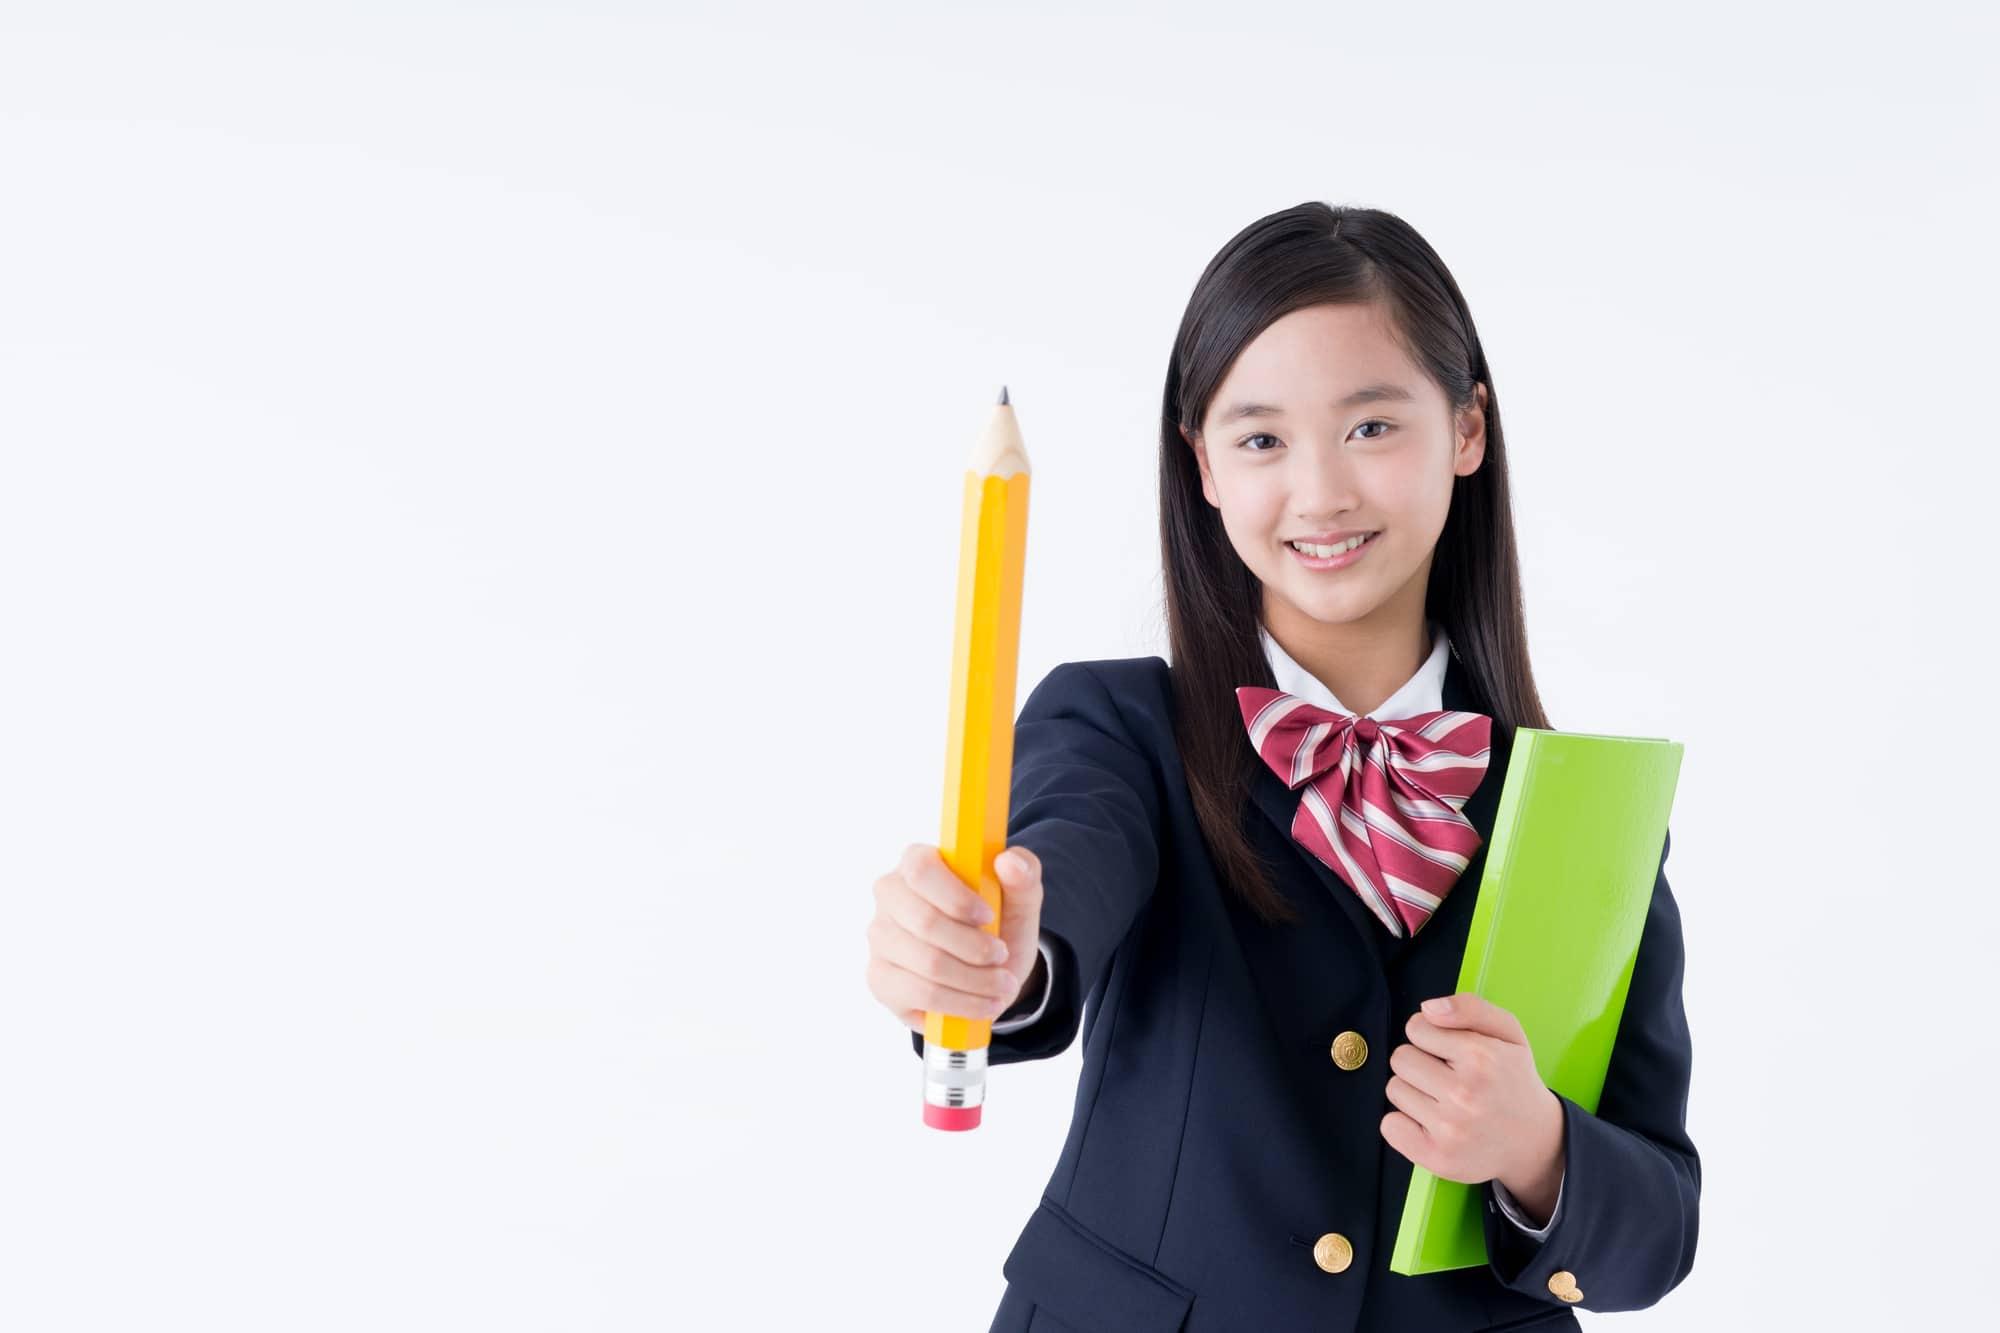 エンピツを持つ女子中学生